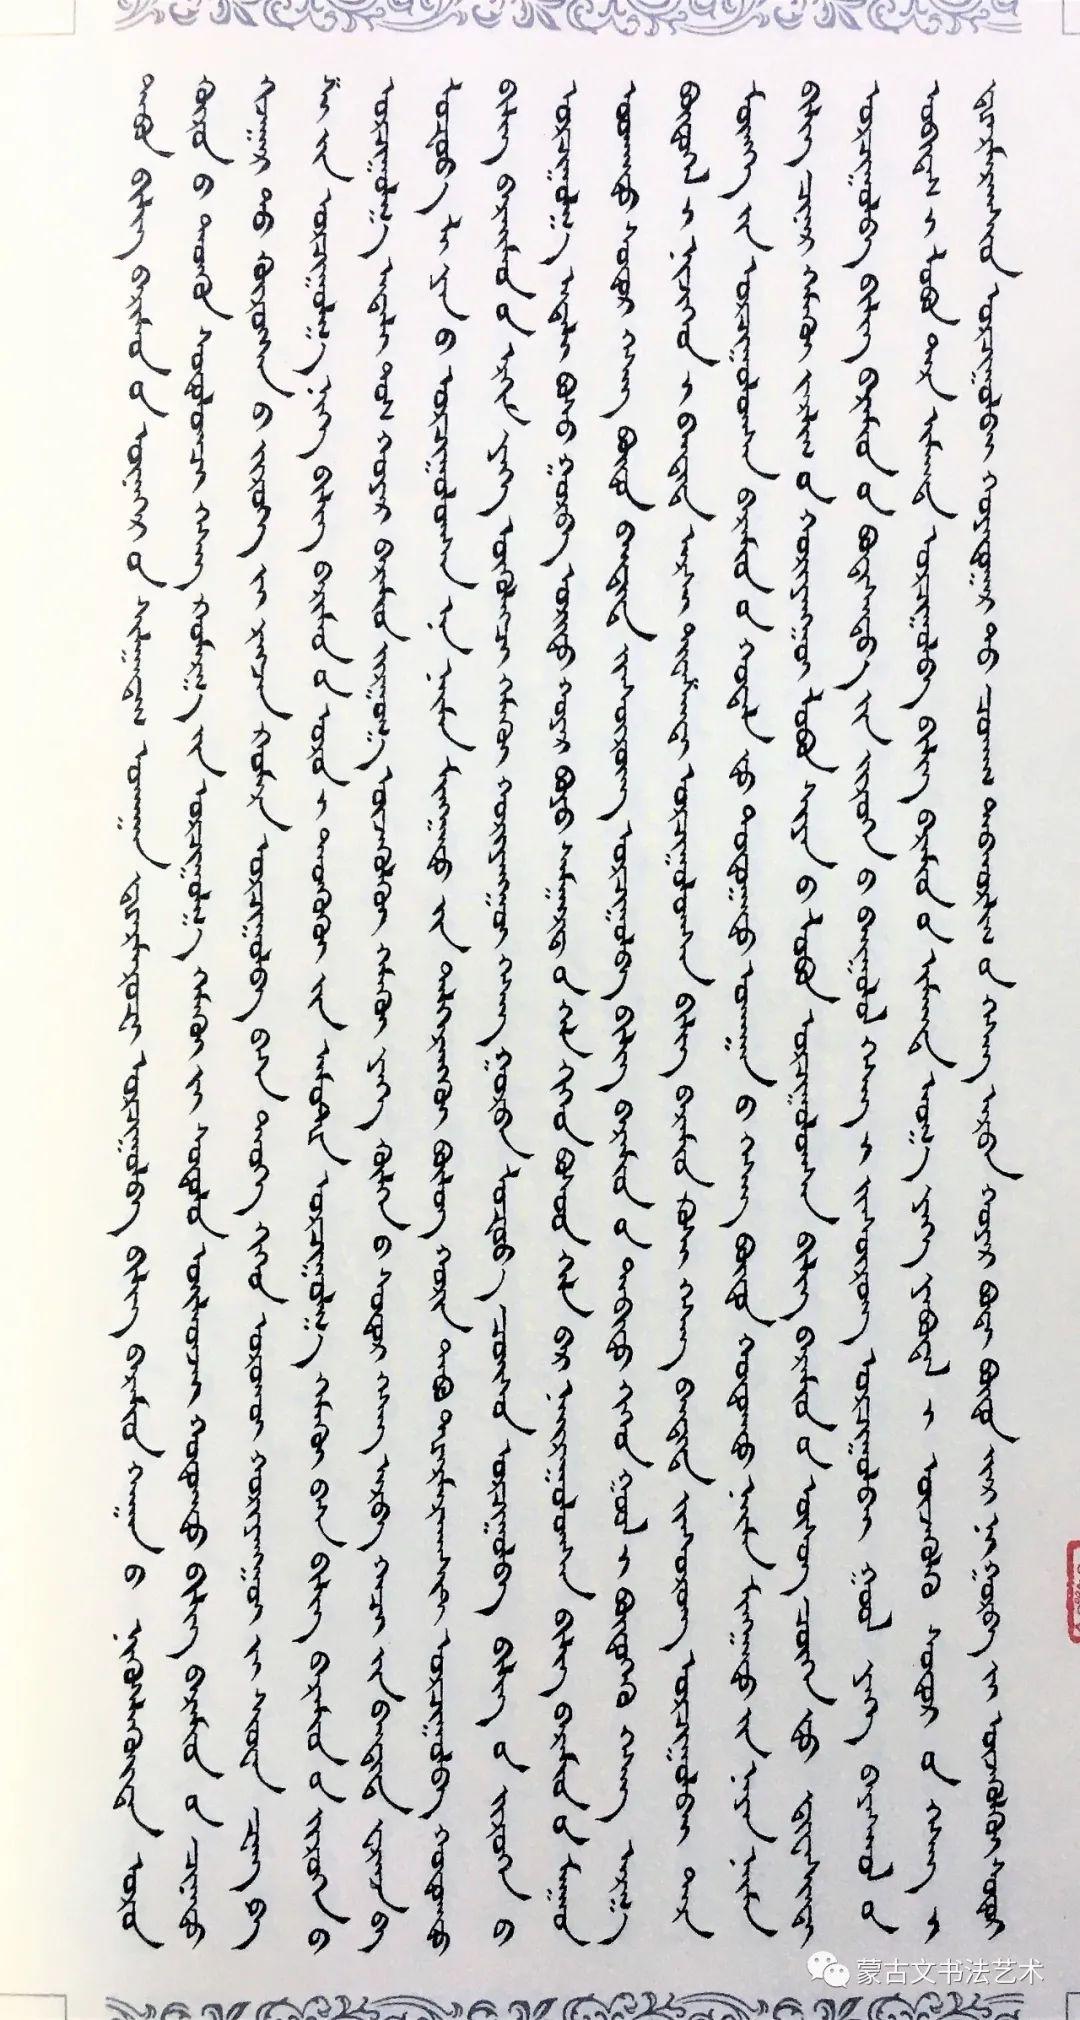 阿力达日图楷书著作-《中国佛教史(三)》 第3张 阿力达日图楷书著作-《中国佛教史(三)》 蒙古书法